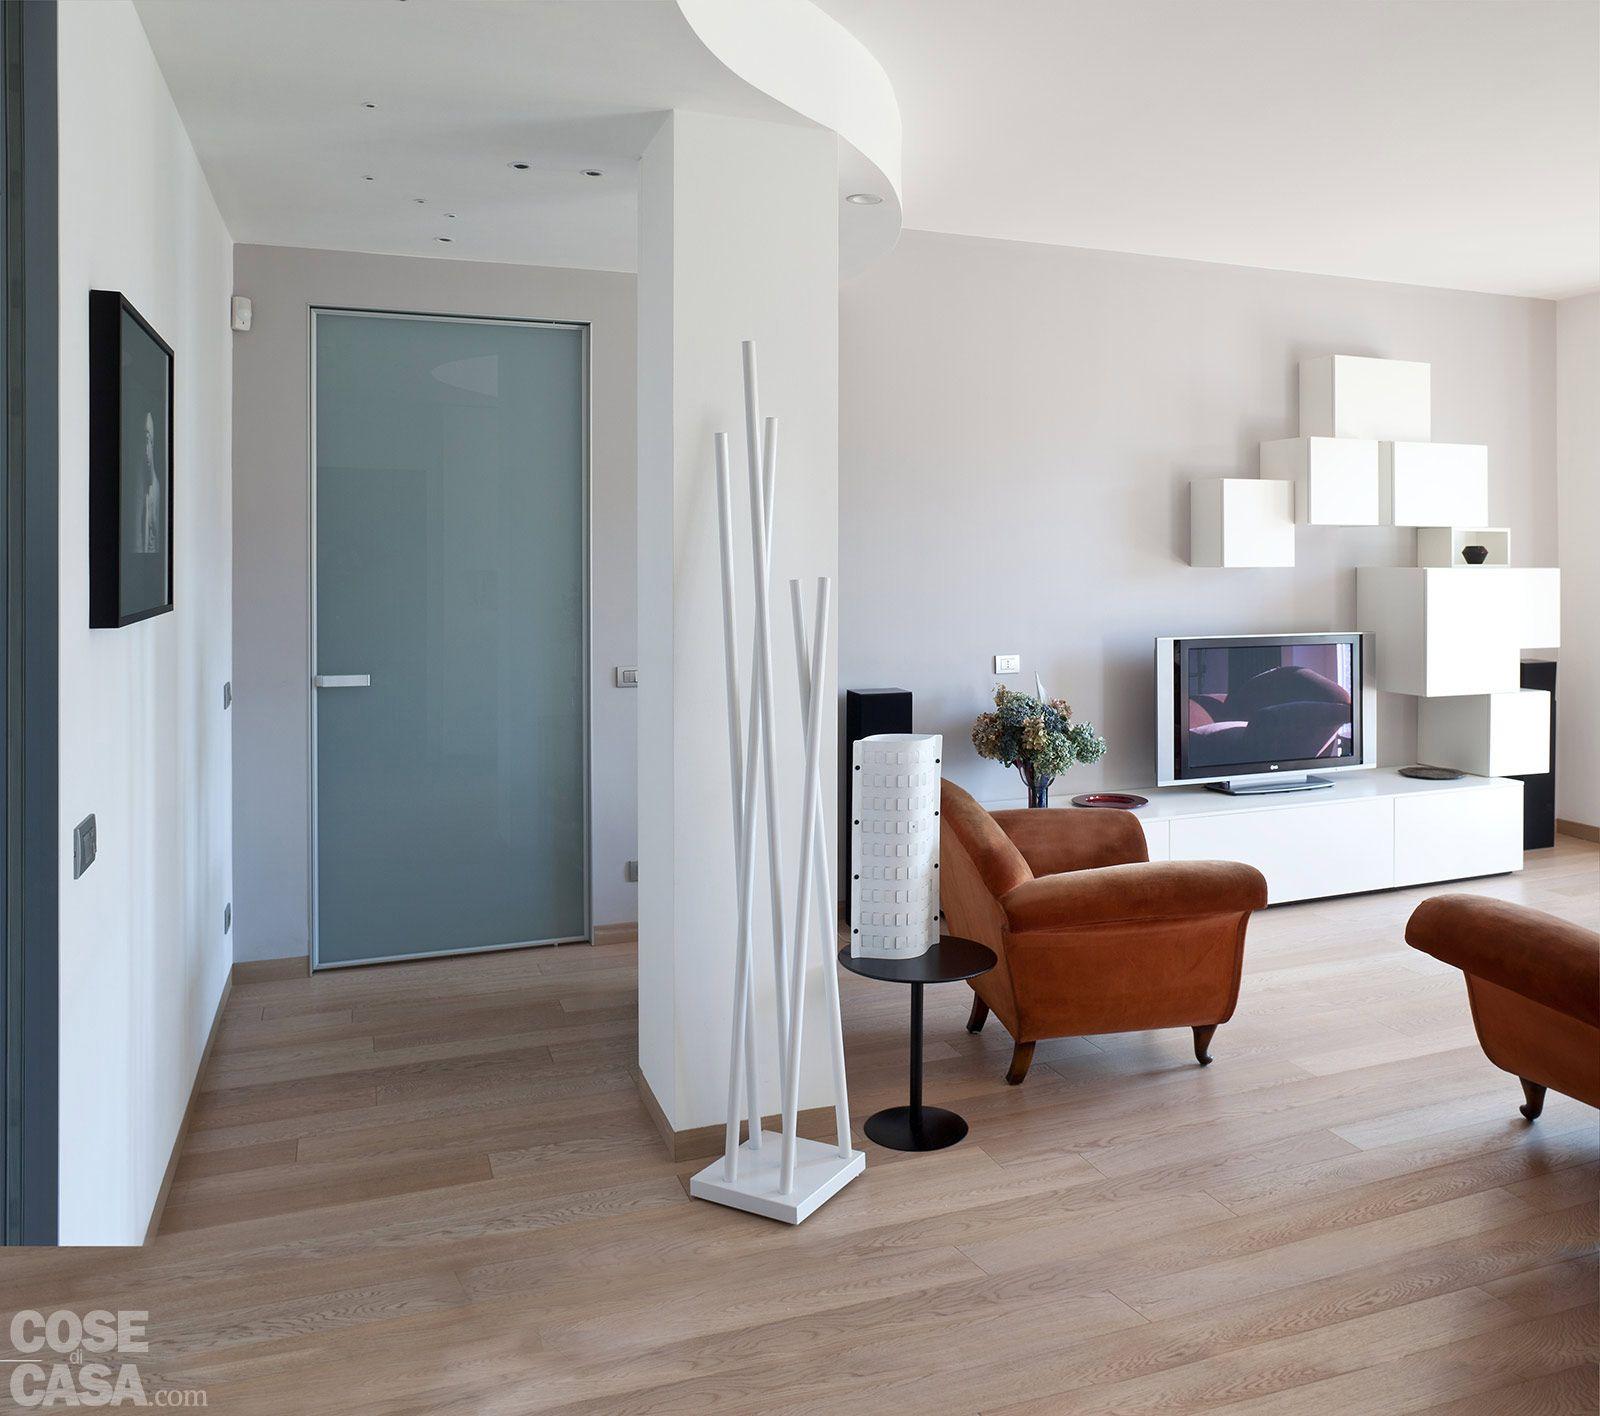 creare ingresso in soggiorno - cerca con google | kiki | pinterest - Soggiorno Open Space Piccolo 2